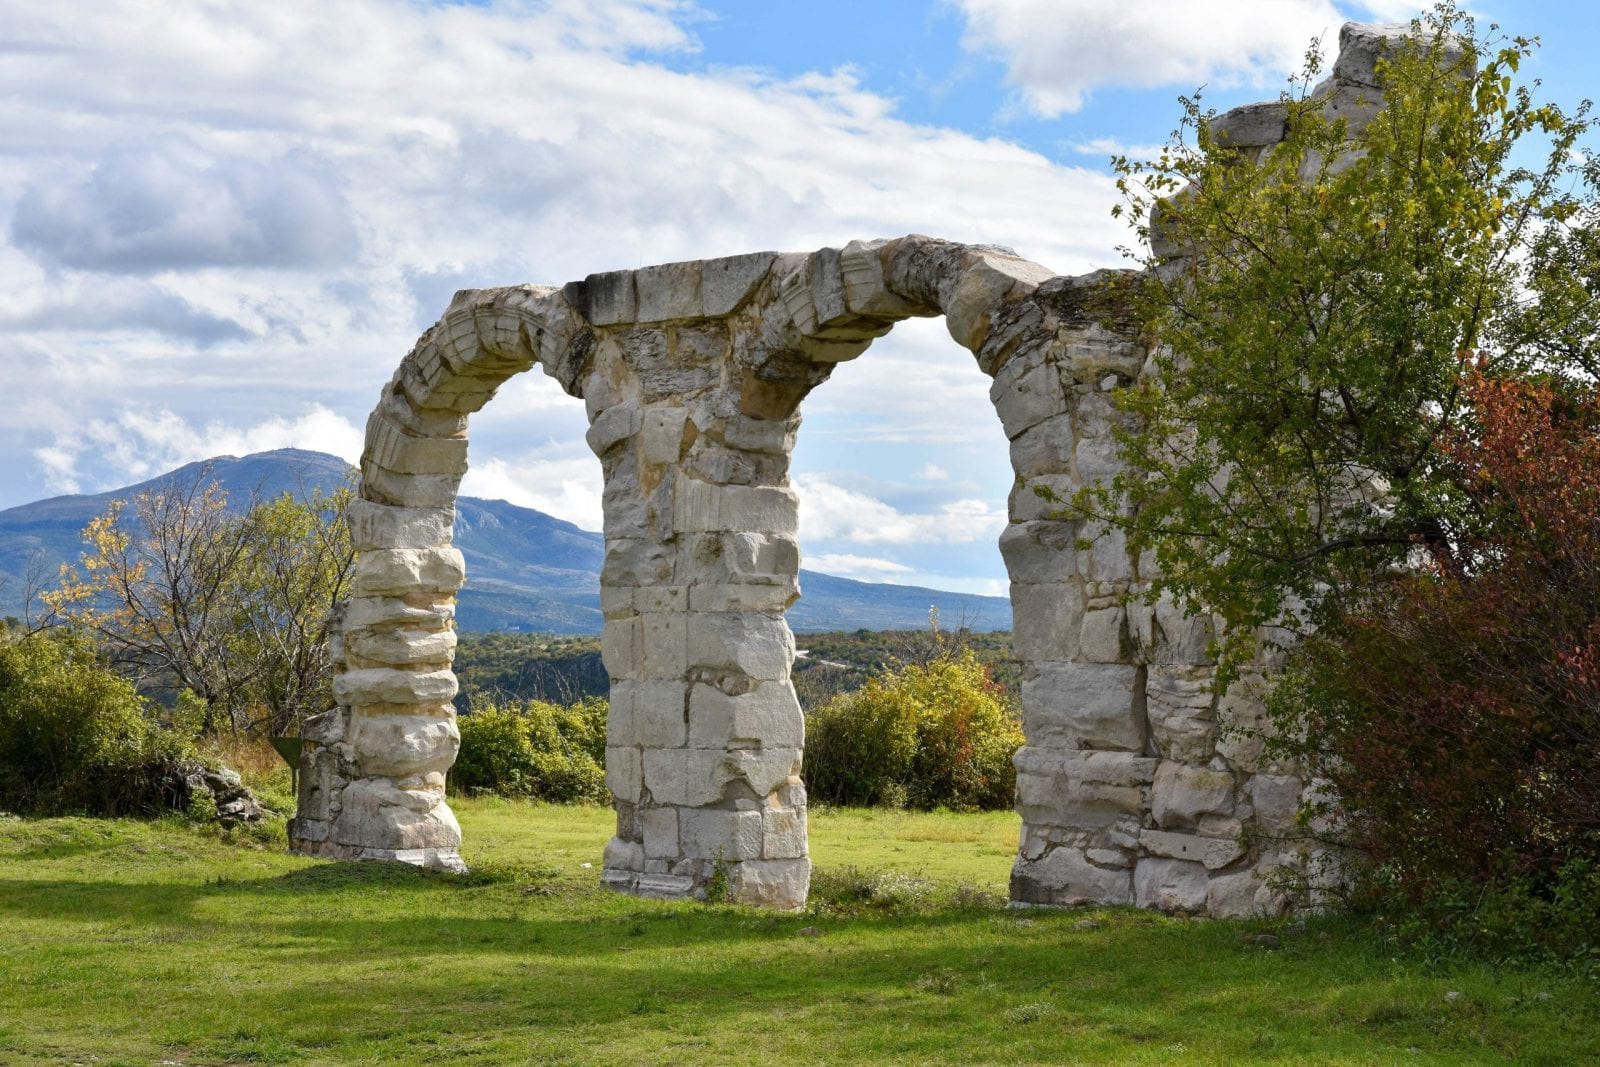 Burnum Roman Archaeological site